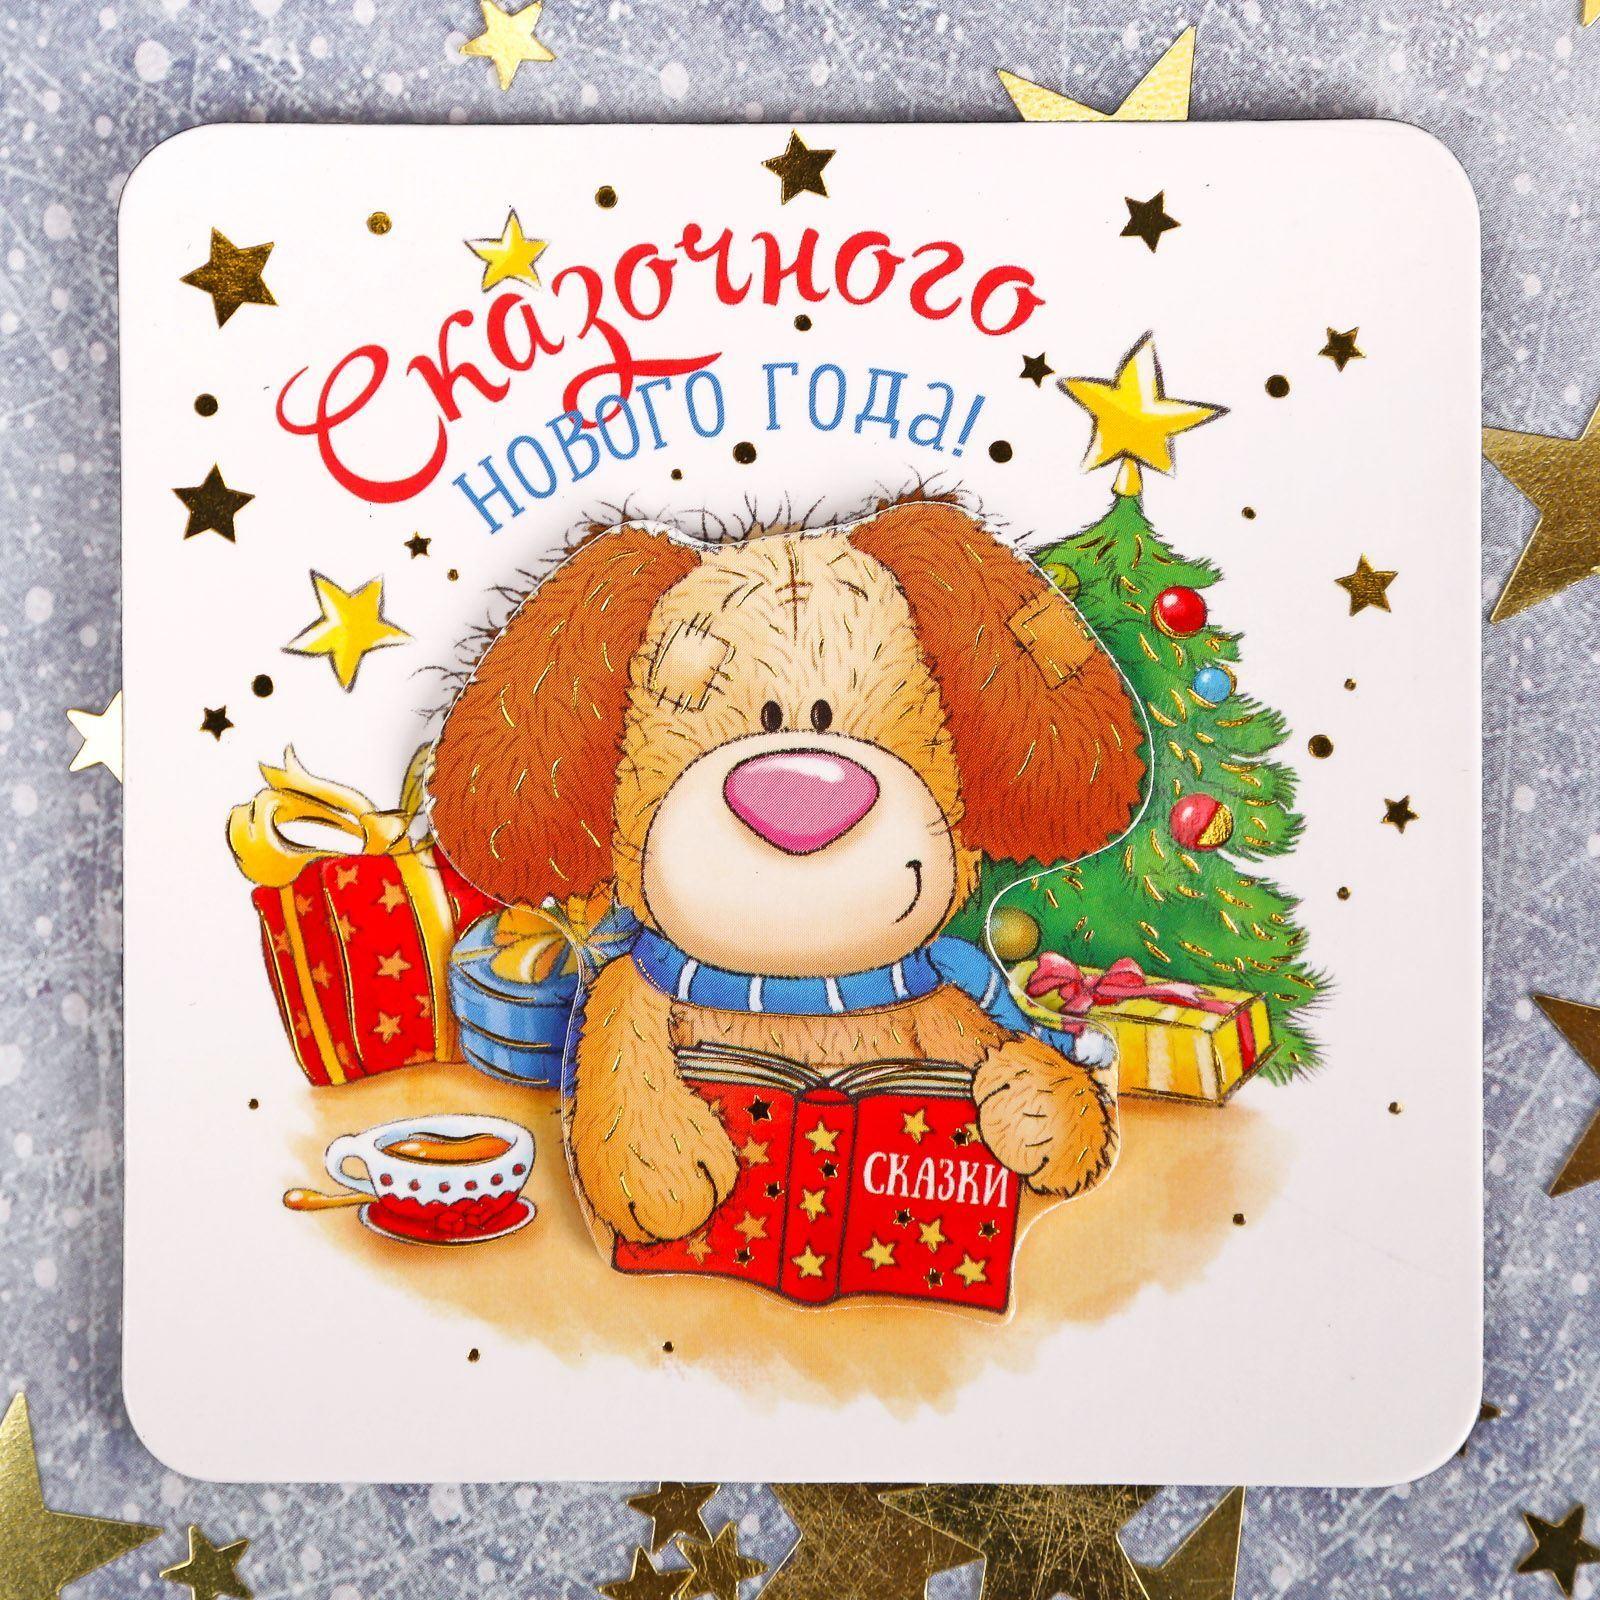 Магнит Sima-land Сказочного Нового года, 8 х 8 см2252400Порадуйте родных и близких оригинальным сувениром: преподнесите в подарок магнит. С ним даже самый серьёзный человек почувствует себя ребёнком, ожидающим чудо! Создайте праздничное настроение, и оно останется с вами на весь год.